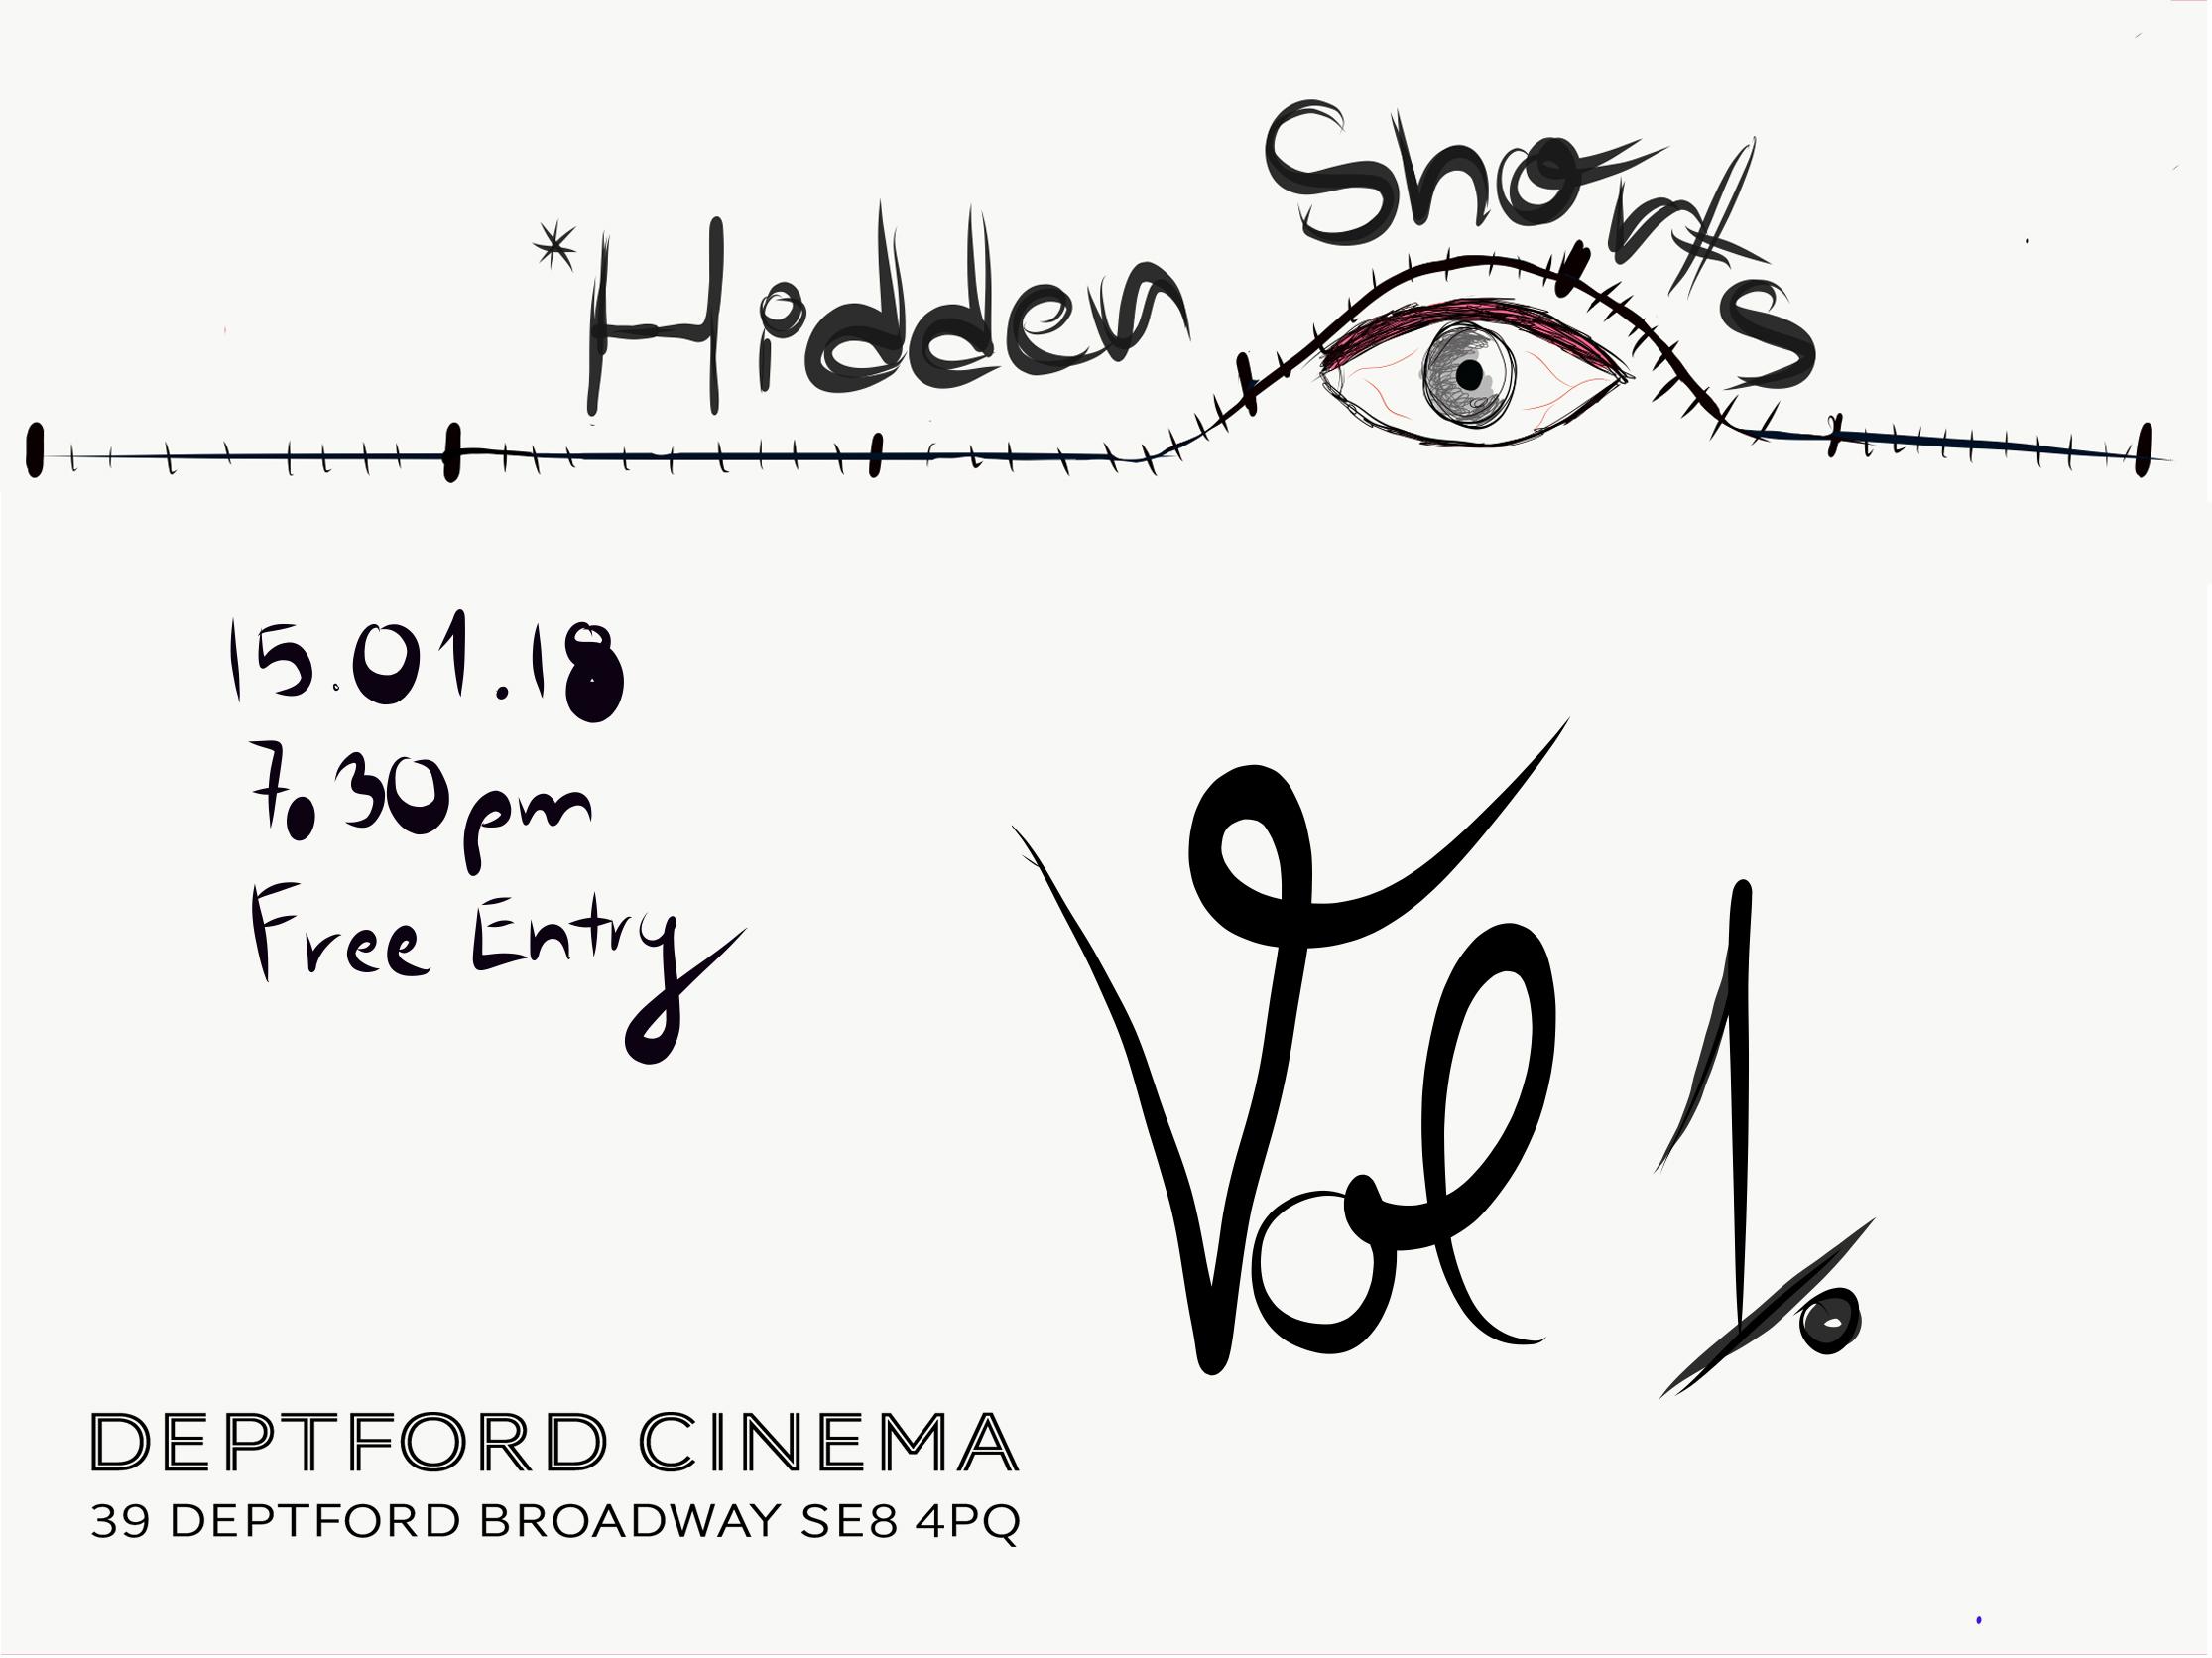 hidden_shorts_vol1.jpg